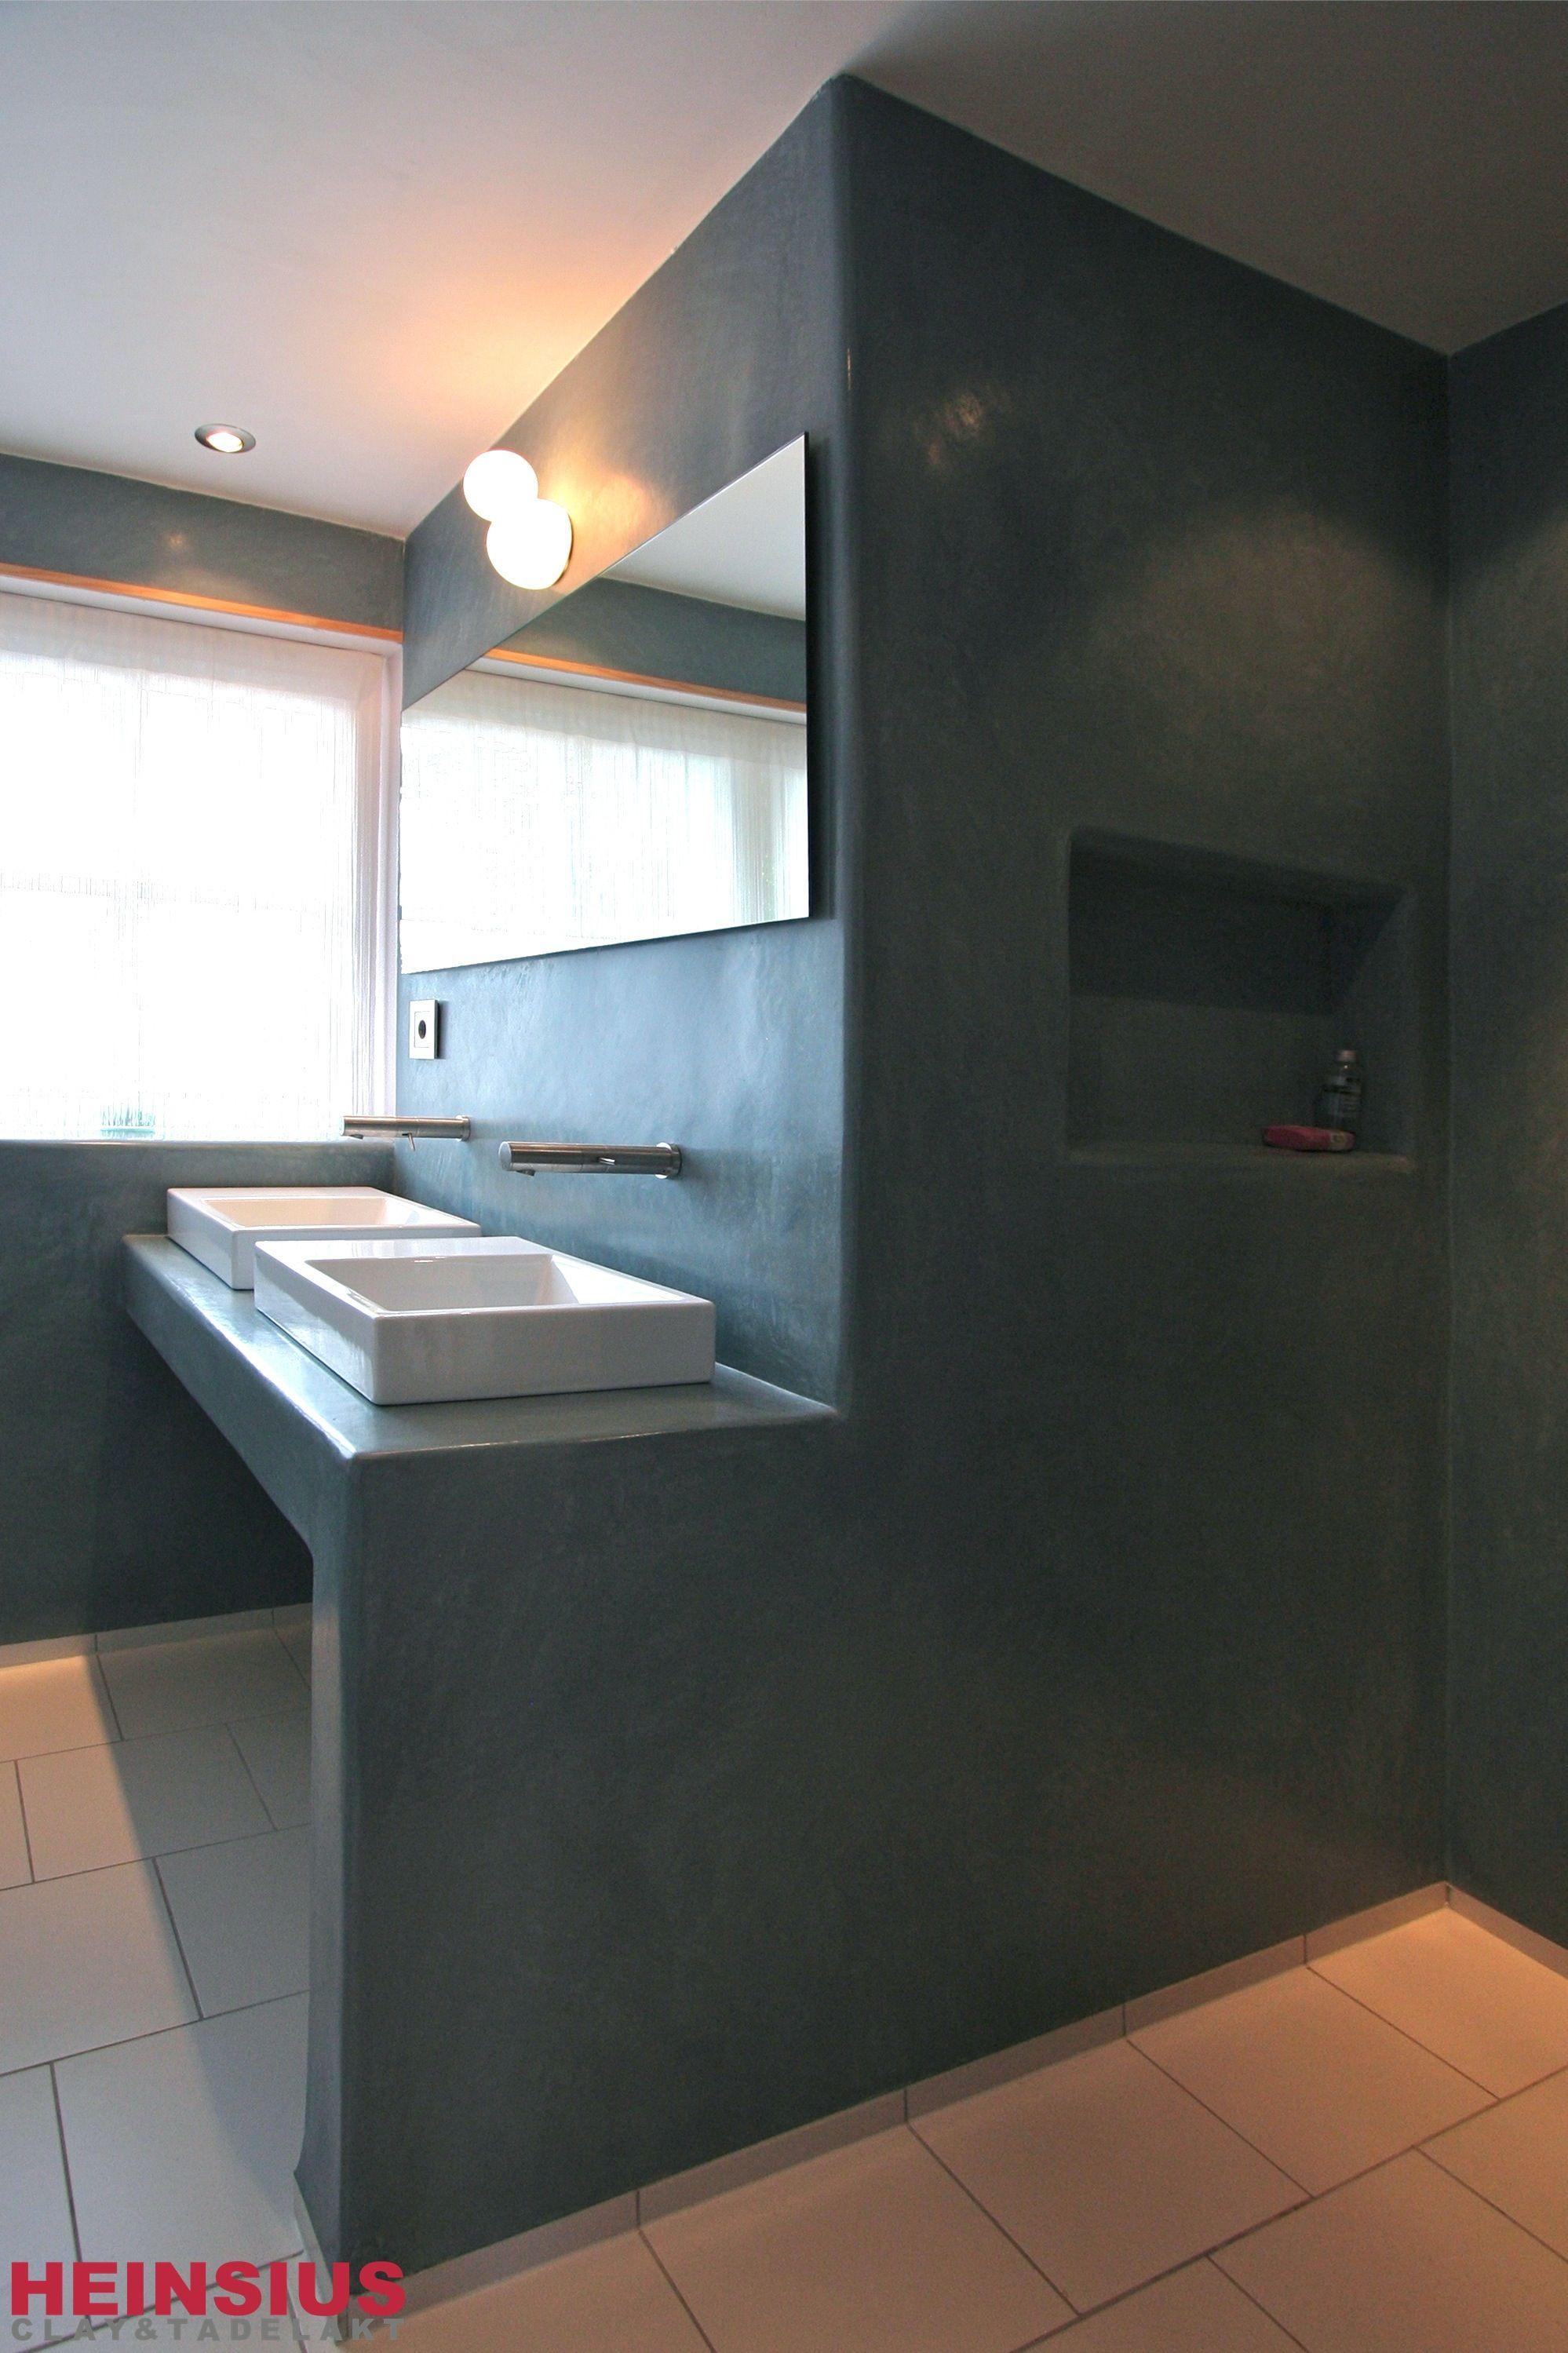 Tadelakt bathroom made by amel kadic - Tadelakt In Eindhoven Bathrooms